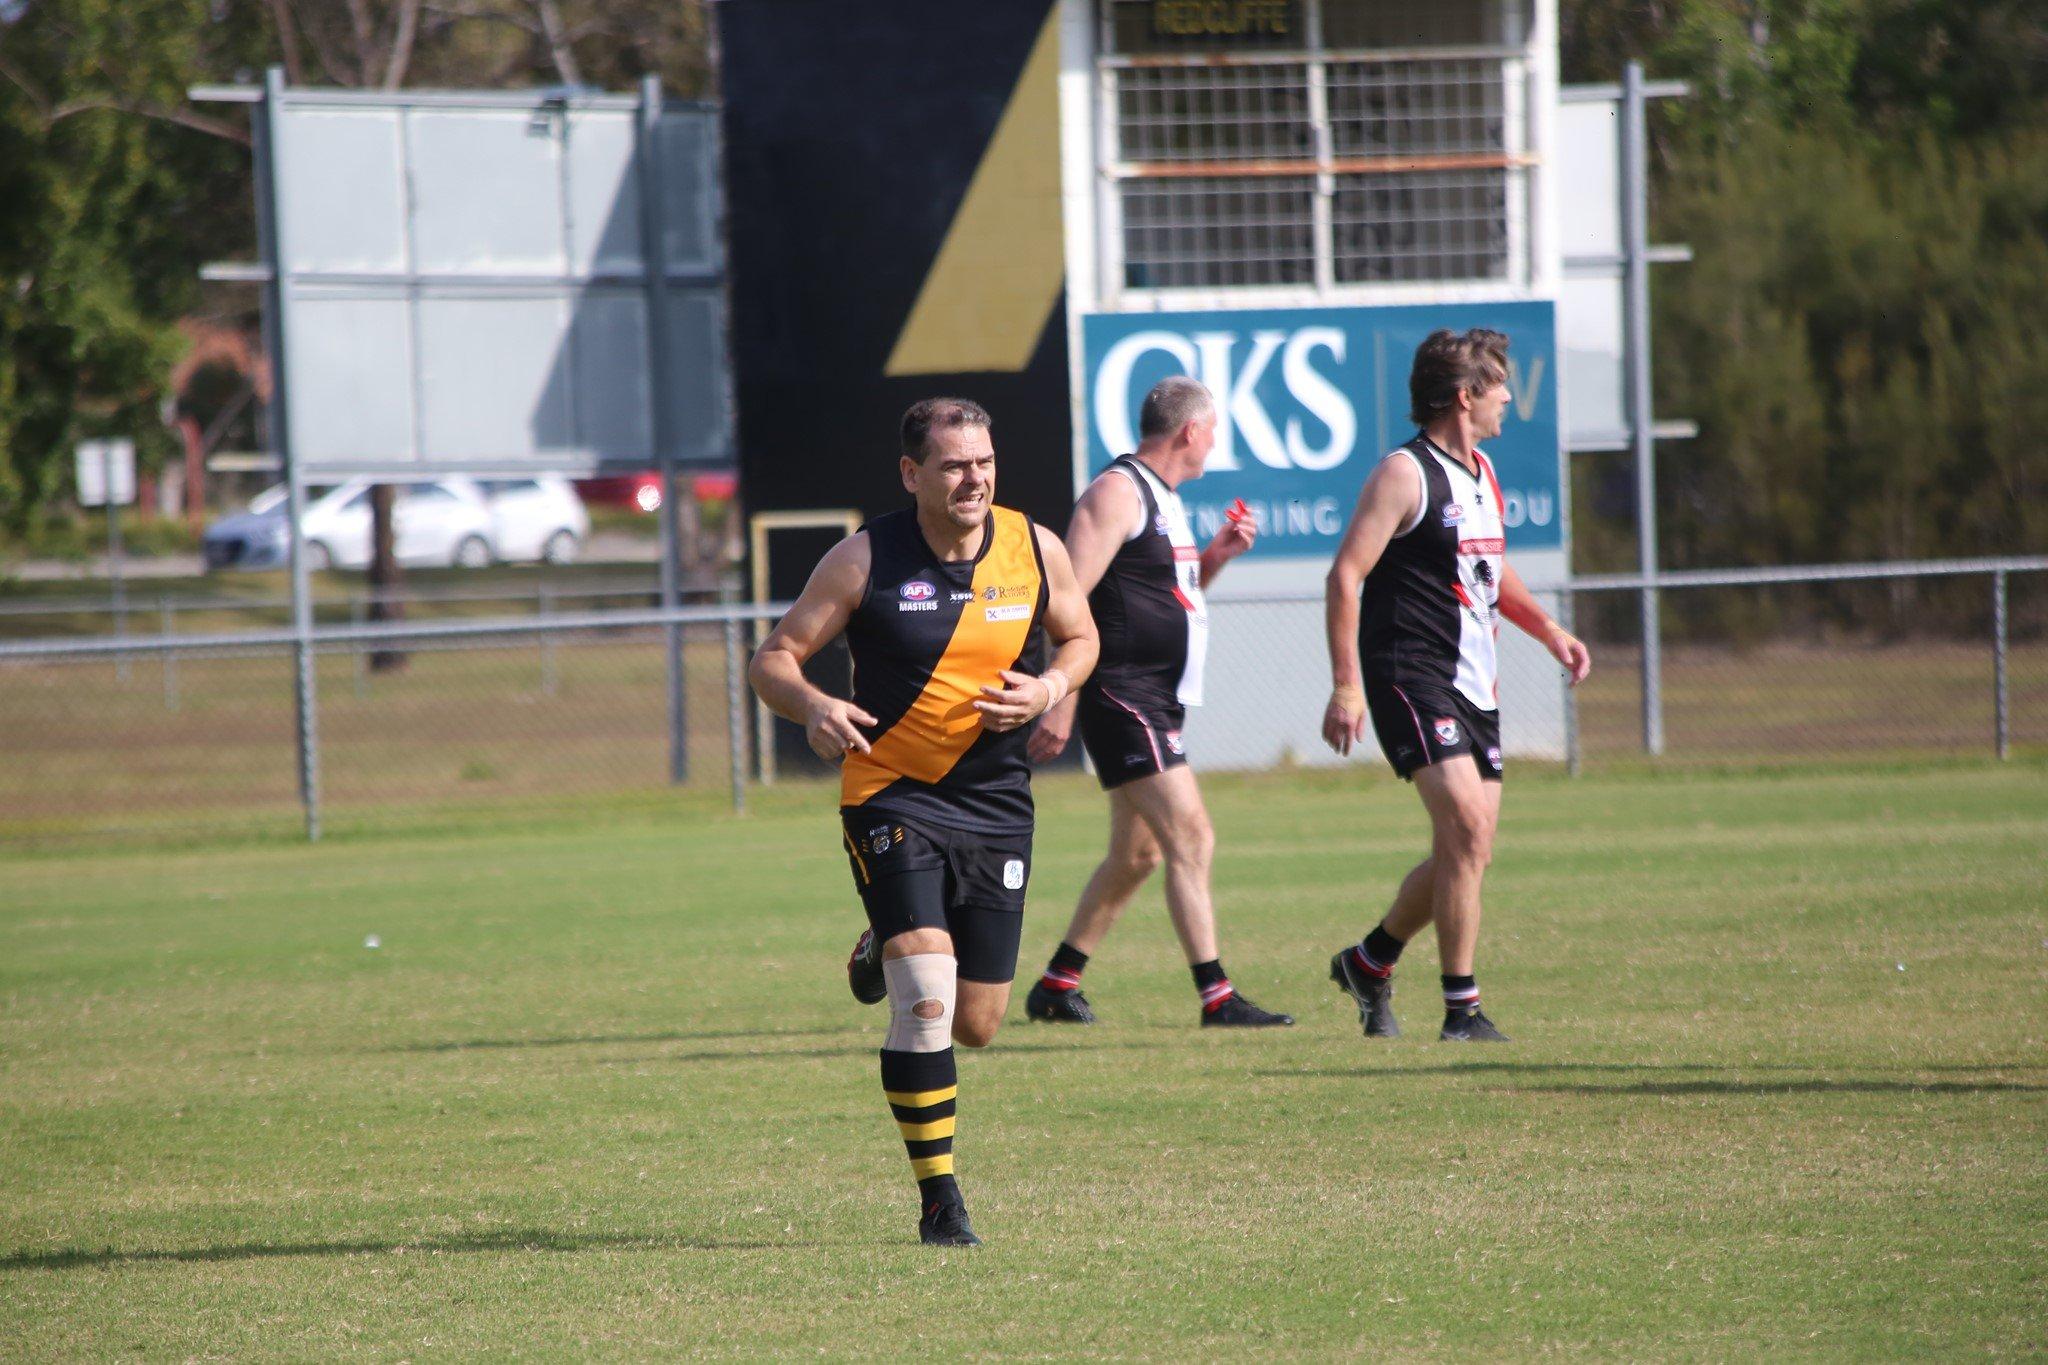 Redcliffe Tigers Senior kicking